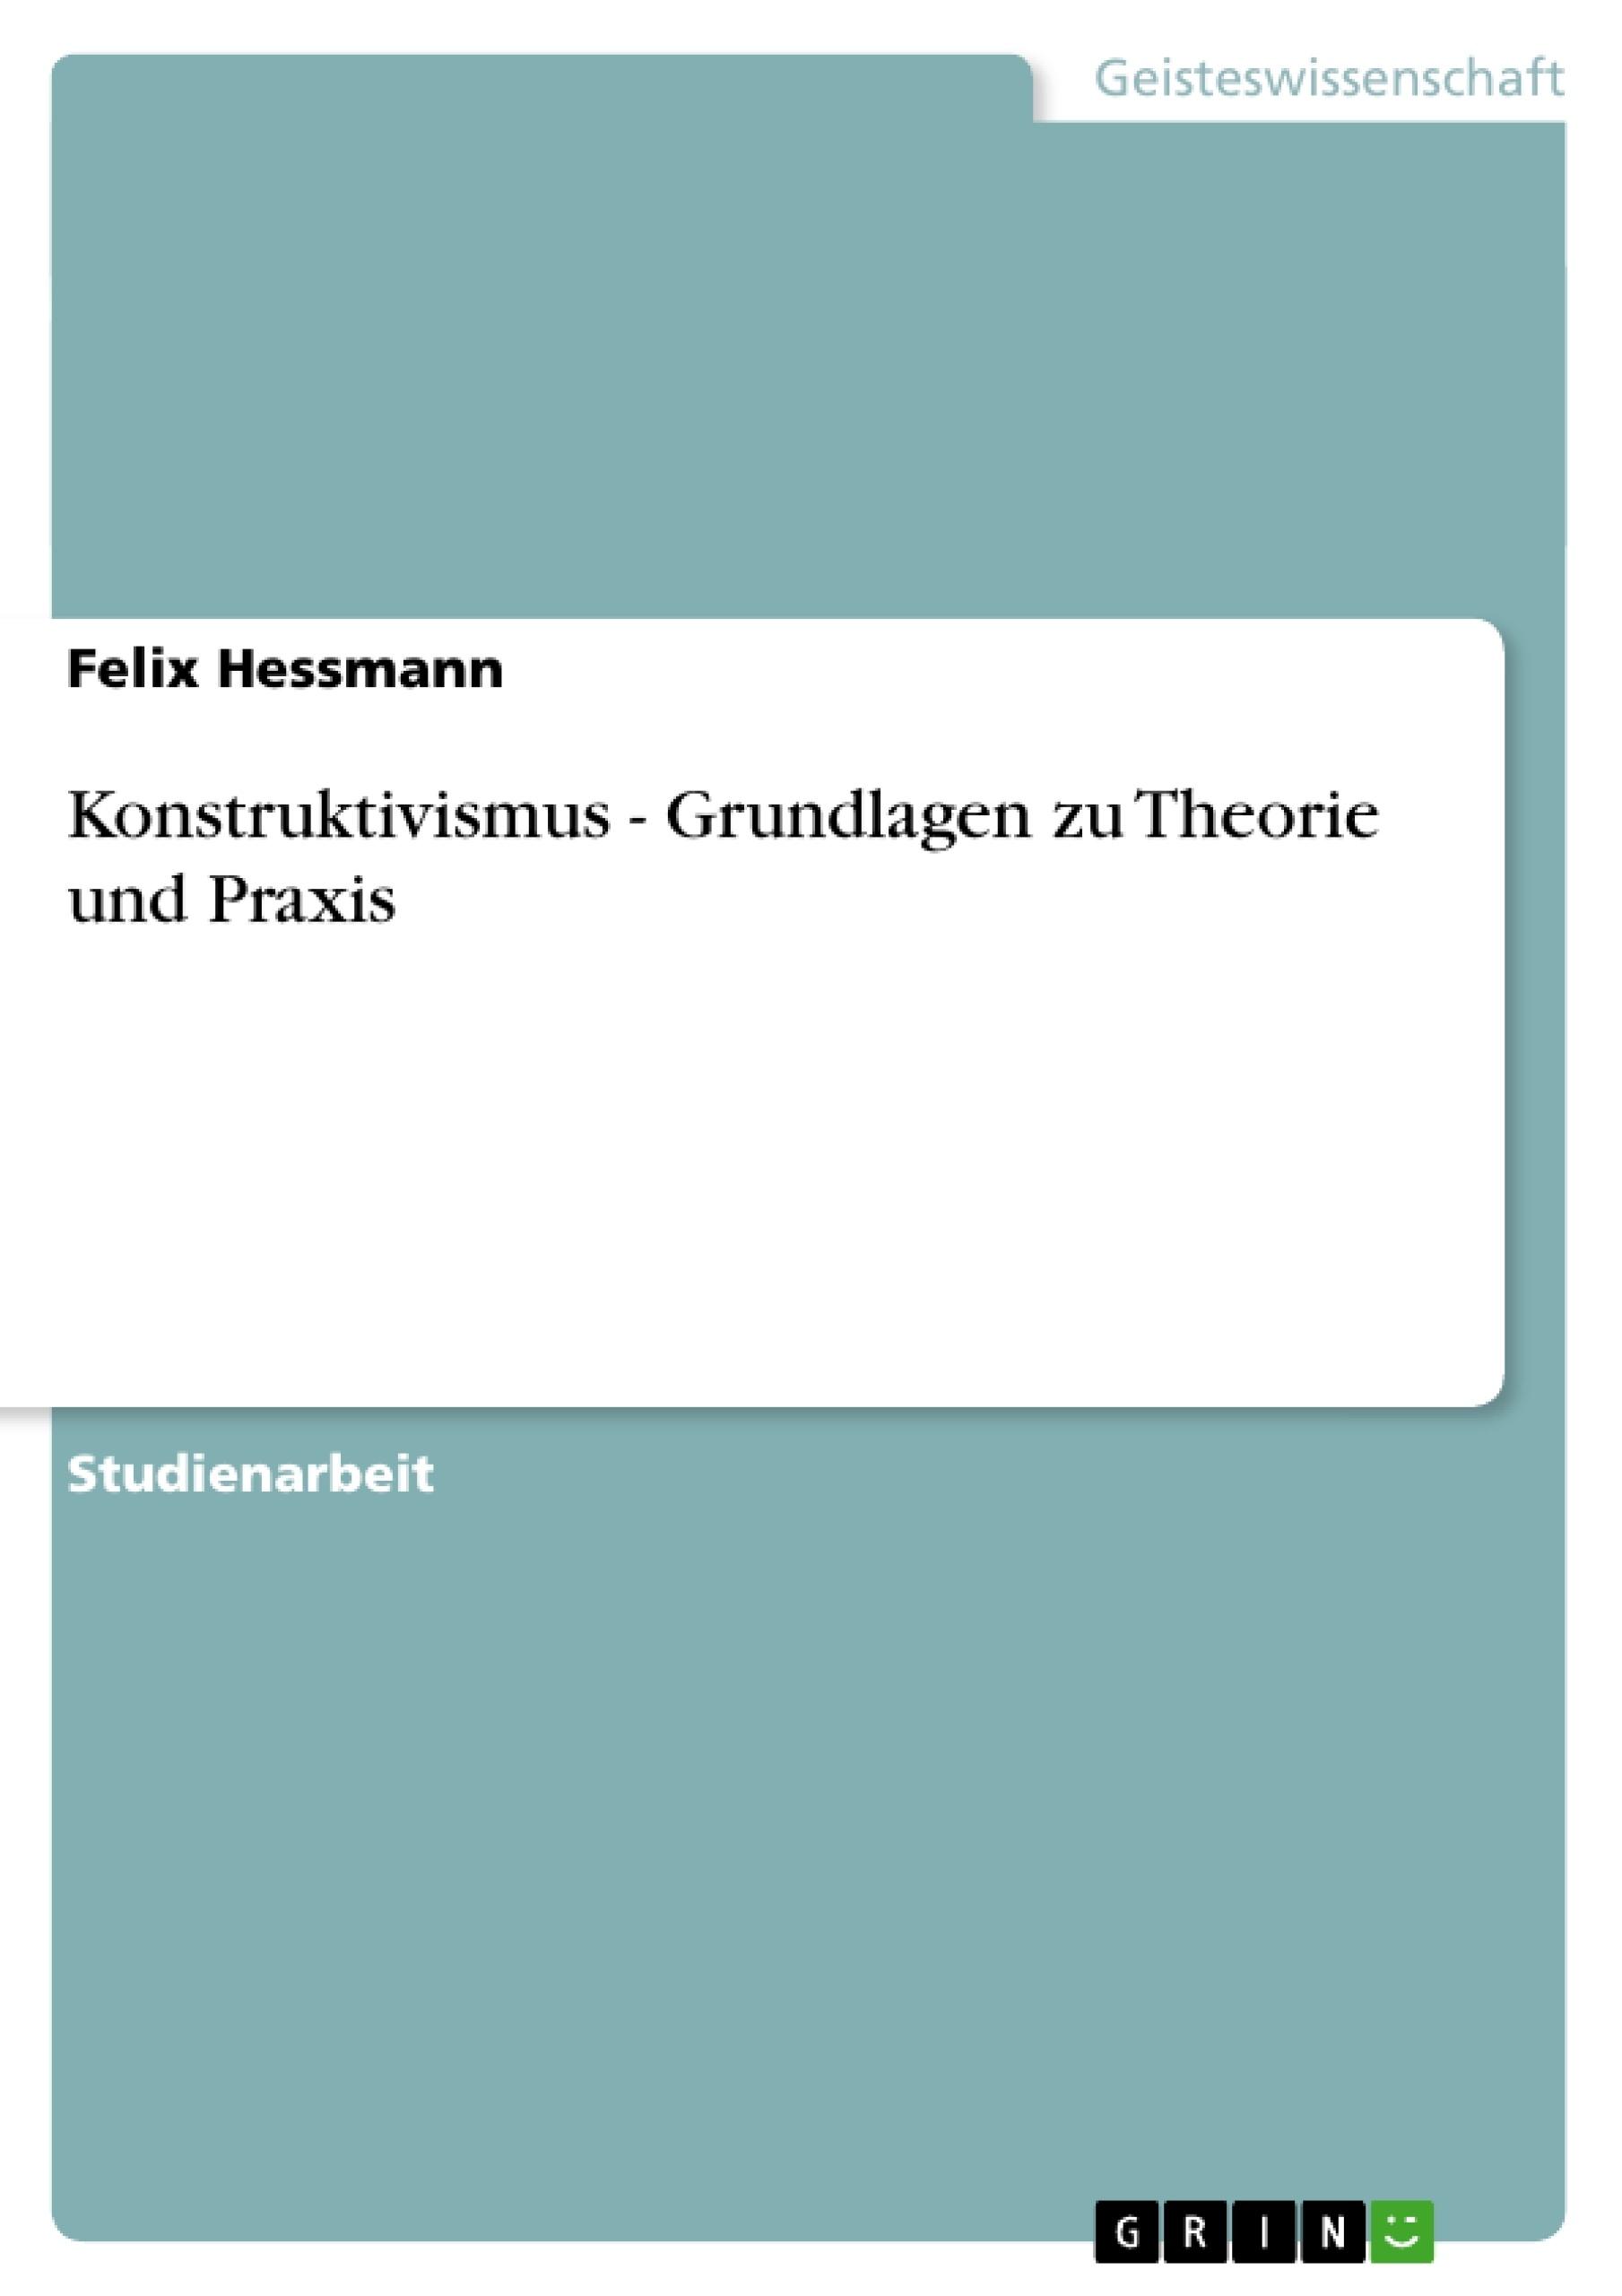 Titel: Konstruktivismus - Grundlagen zu Theorie und Praxis